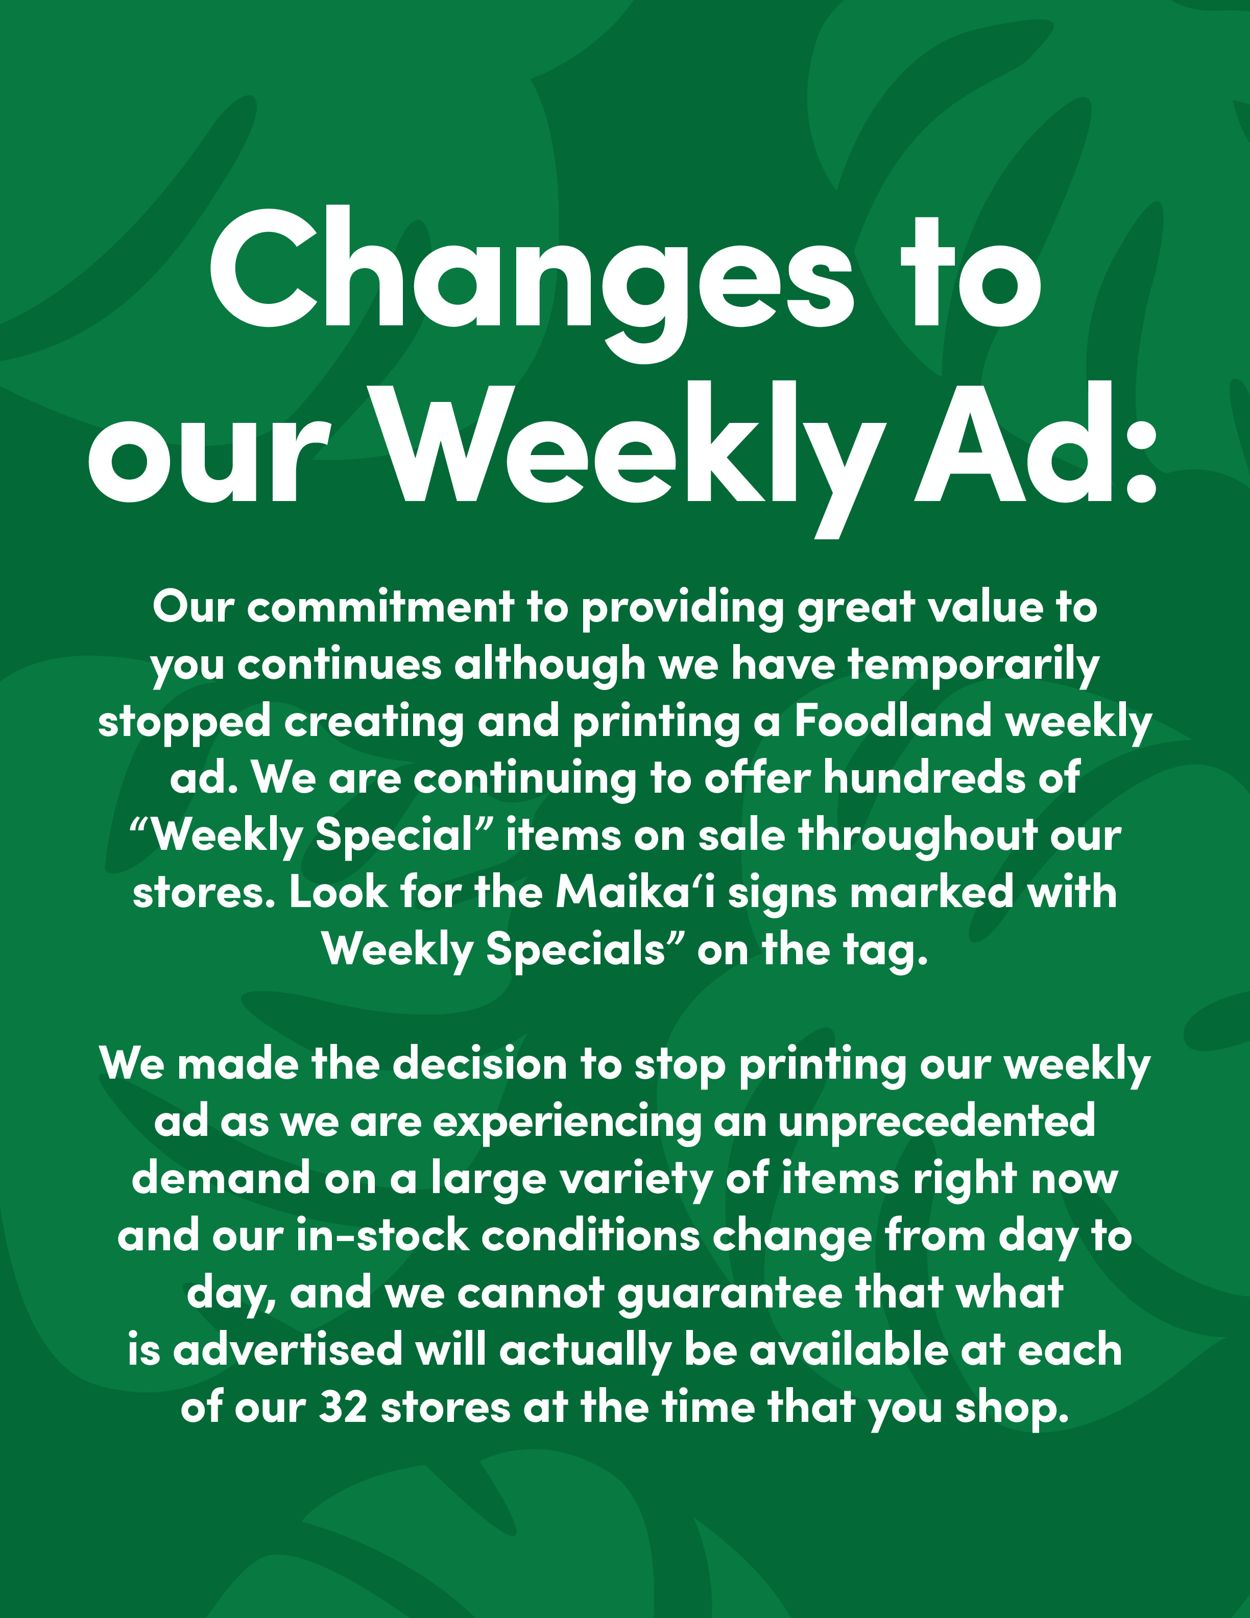 Foodland Weekly Ad Circular - valid 03/25-04/28/2020